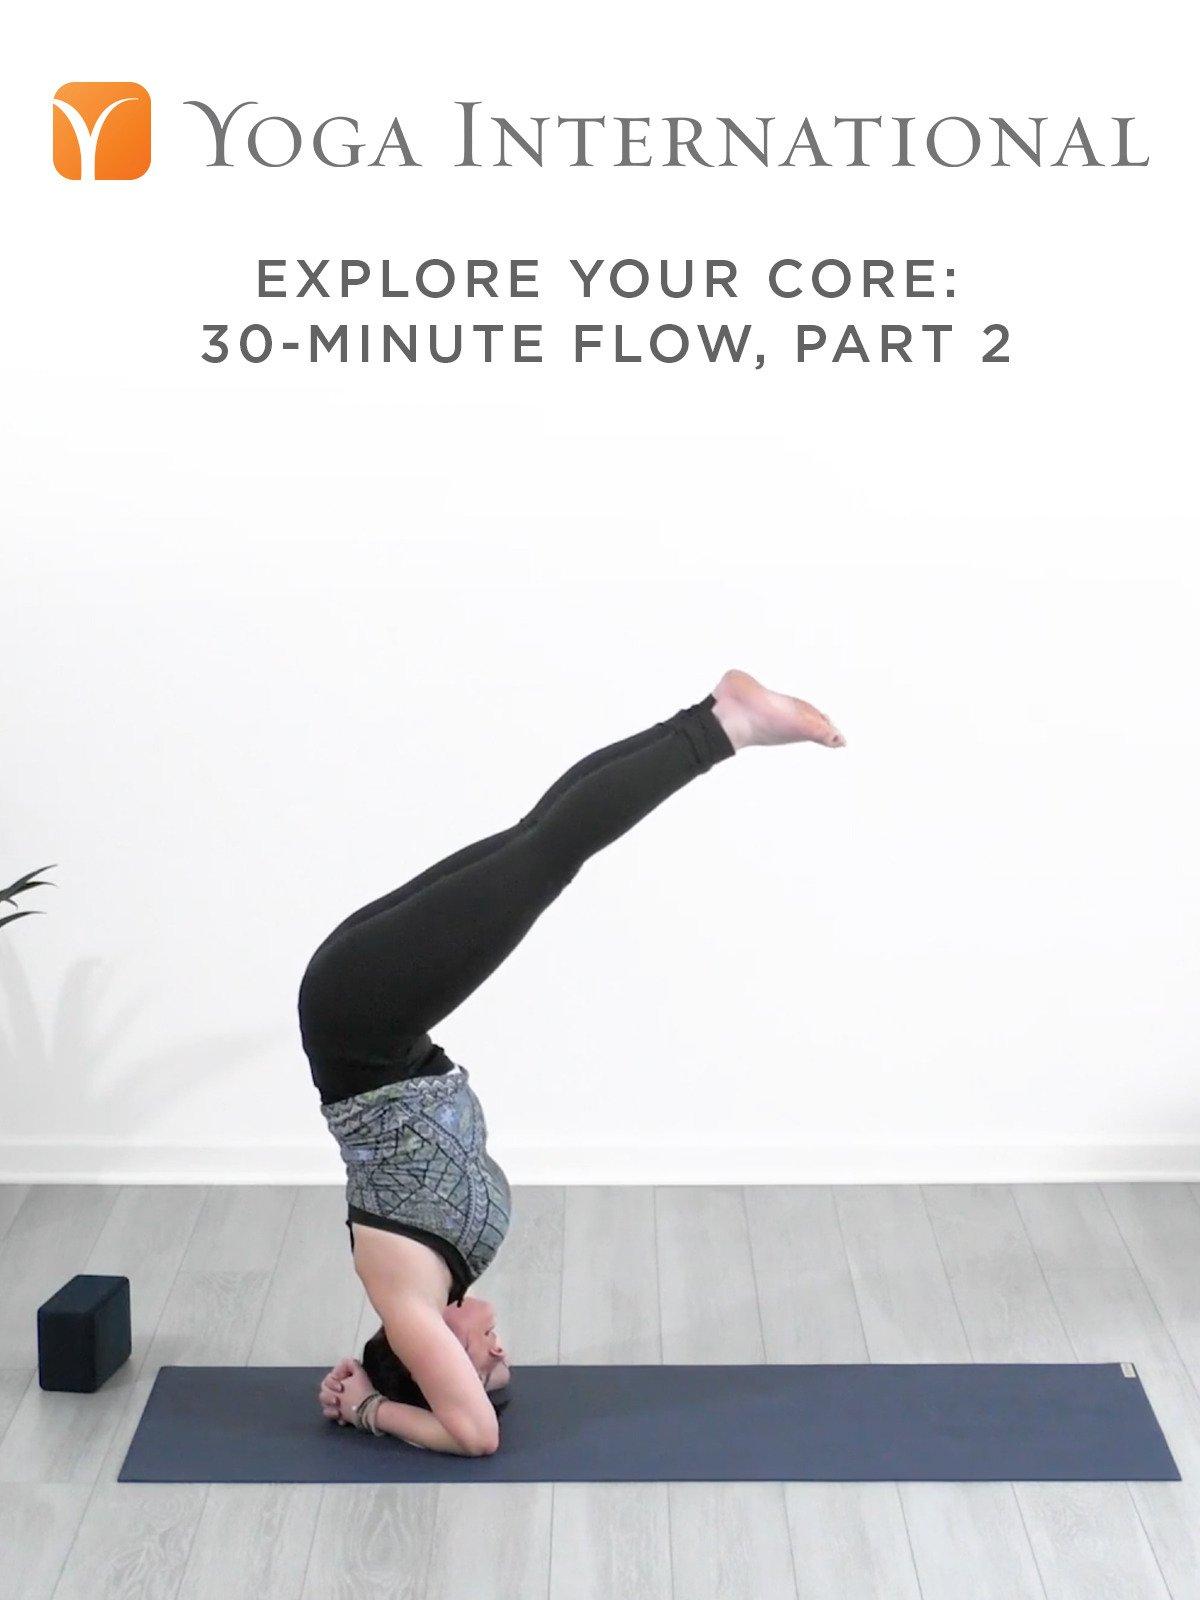 Explore Your Core: 30-Minute Flow, Part 2